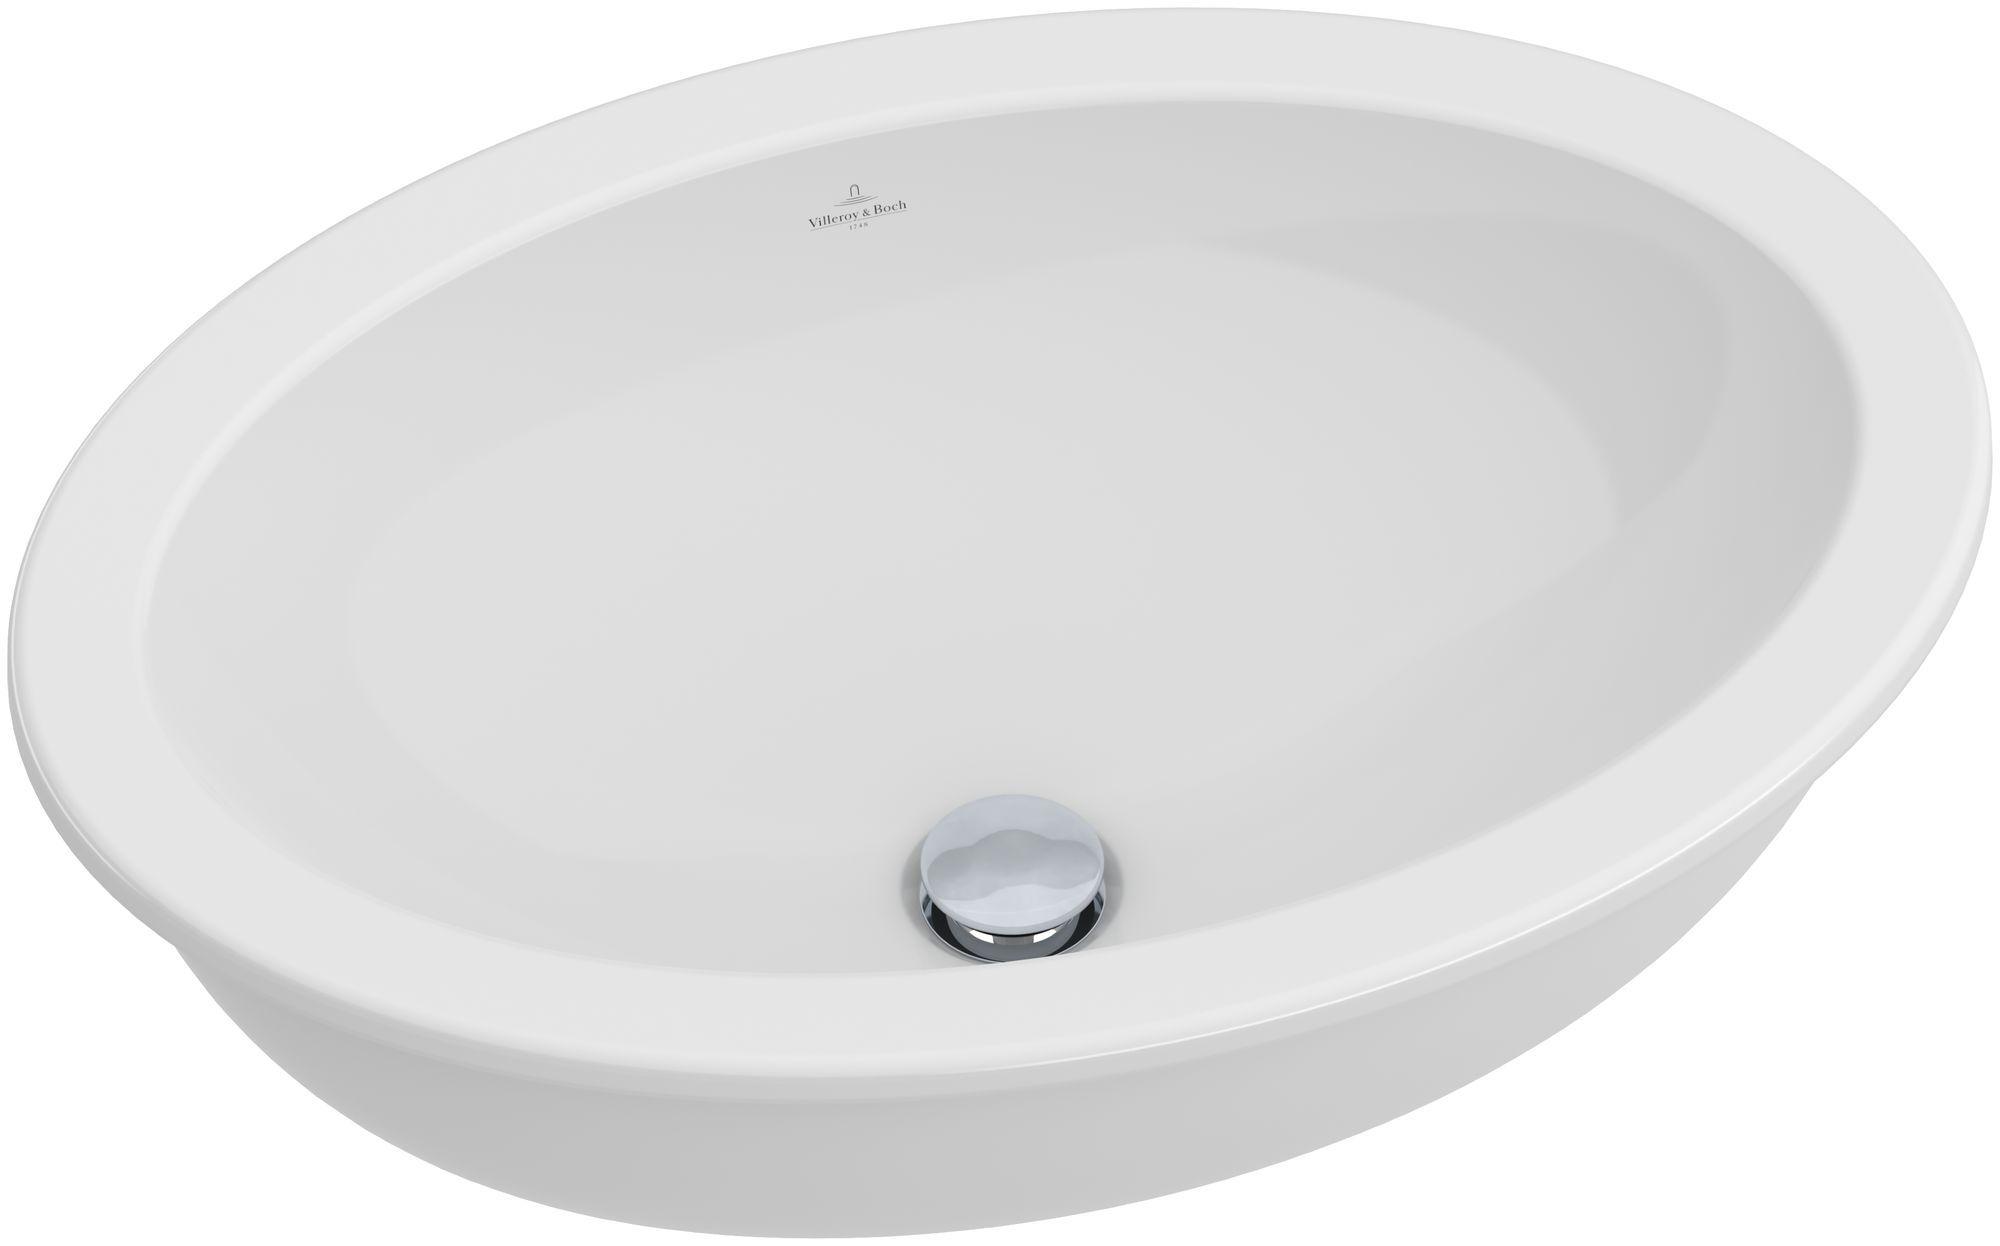 Villeroy & Boch Loop & Friends Unterbauwaschtisch B:56xT:37,5cm ohne Hahnloch ohne Überlauf starwhite mit Ceramicplus 616131R2